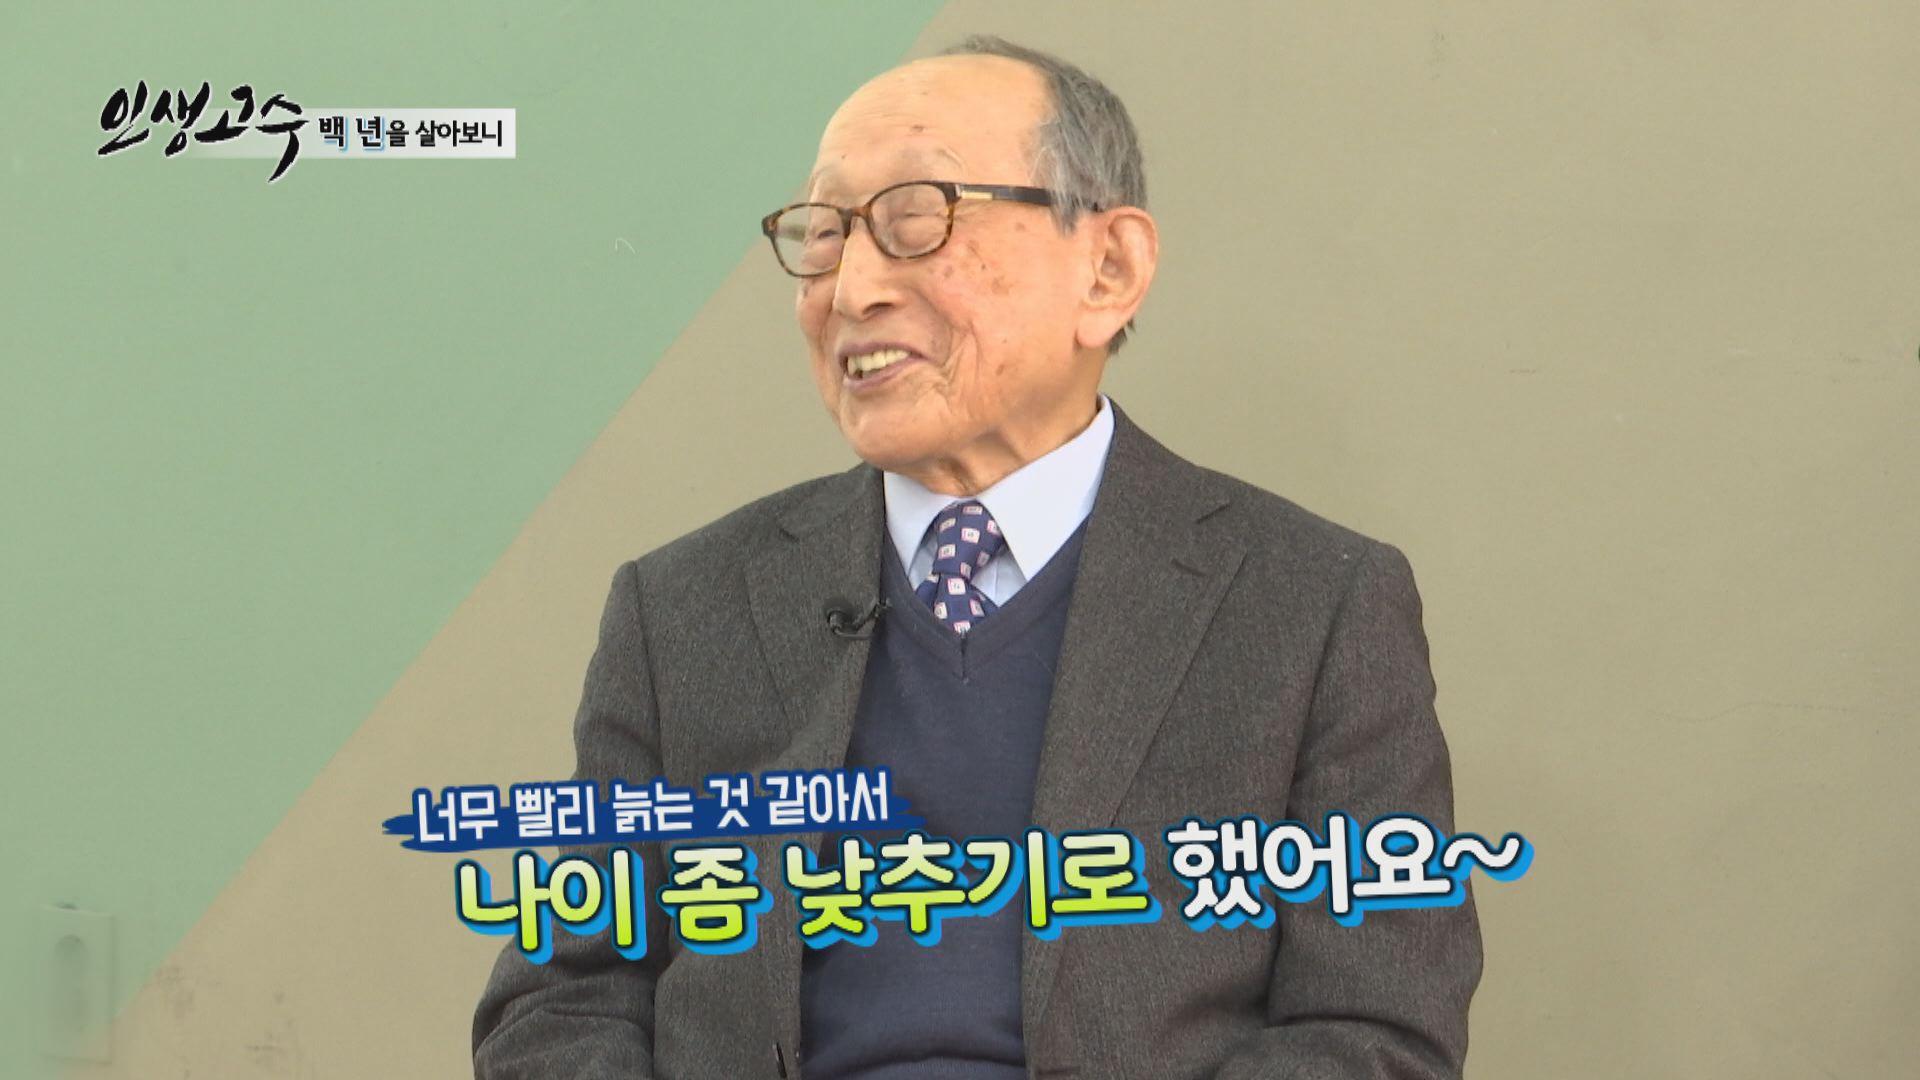 100세 철학자 김형석이 말하는 행복의 비결